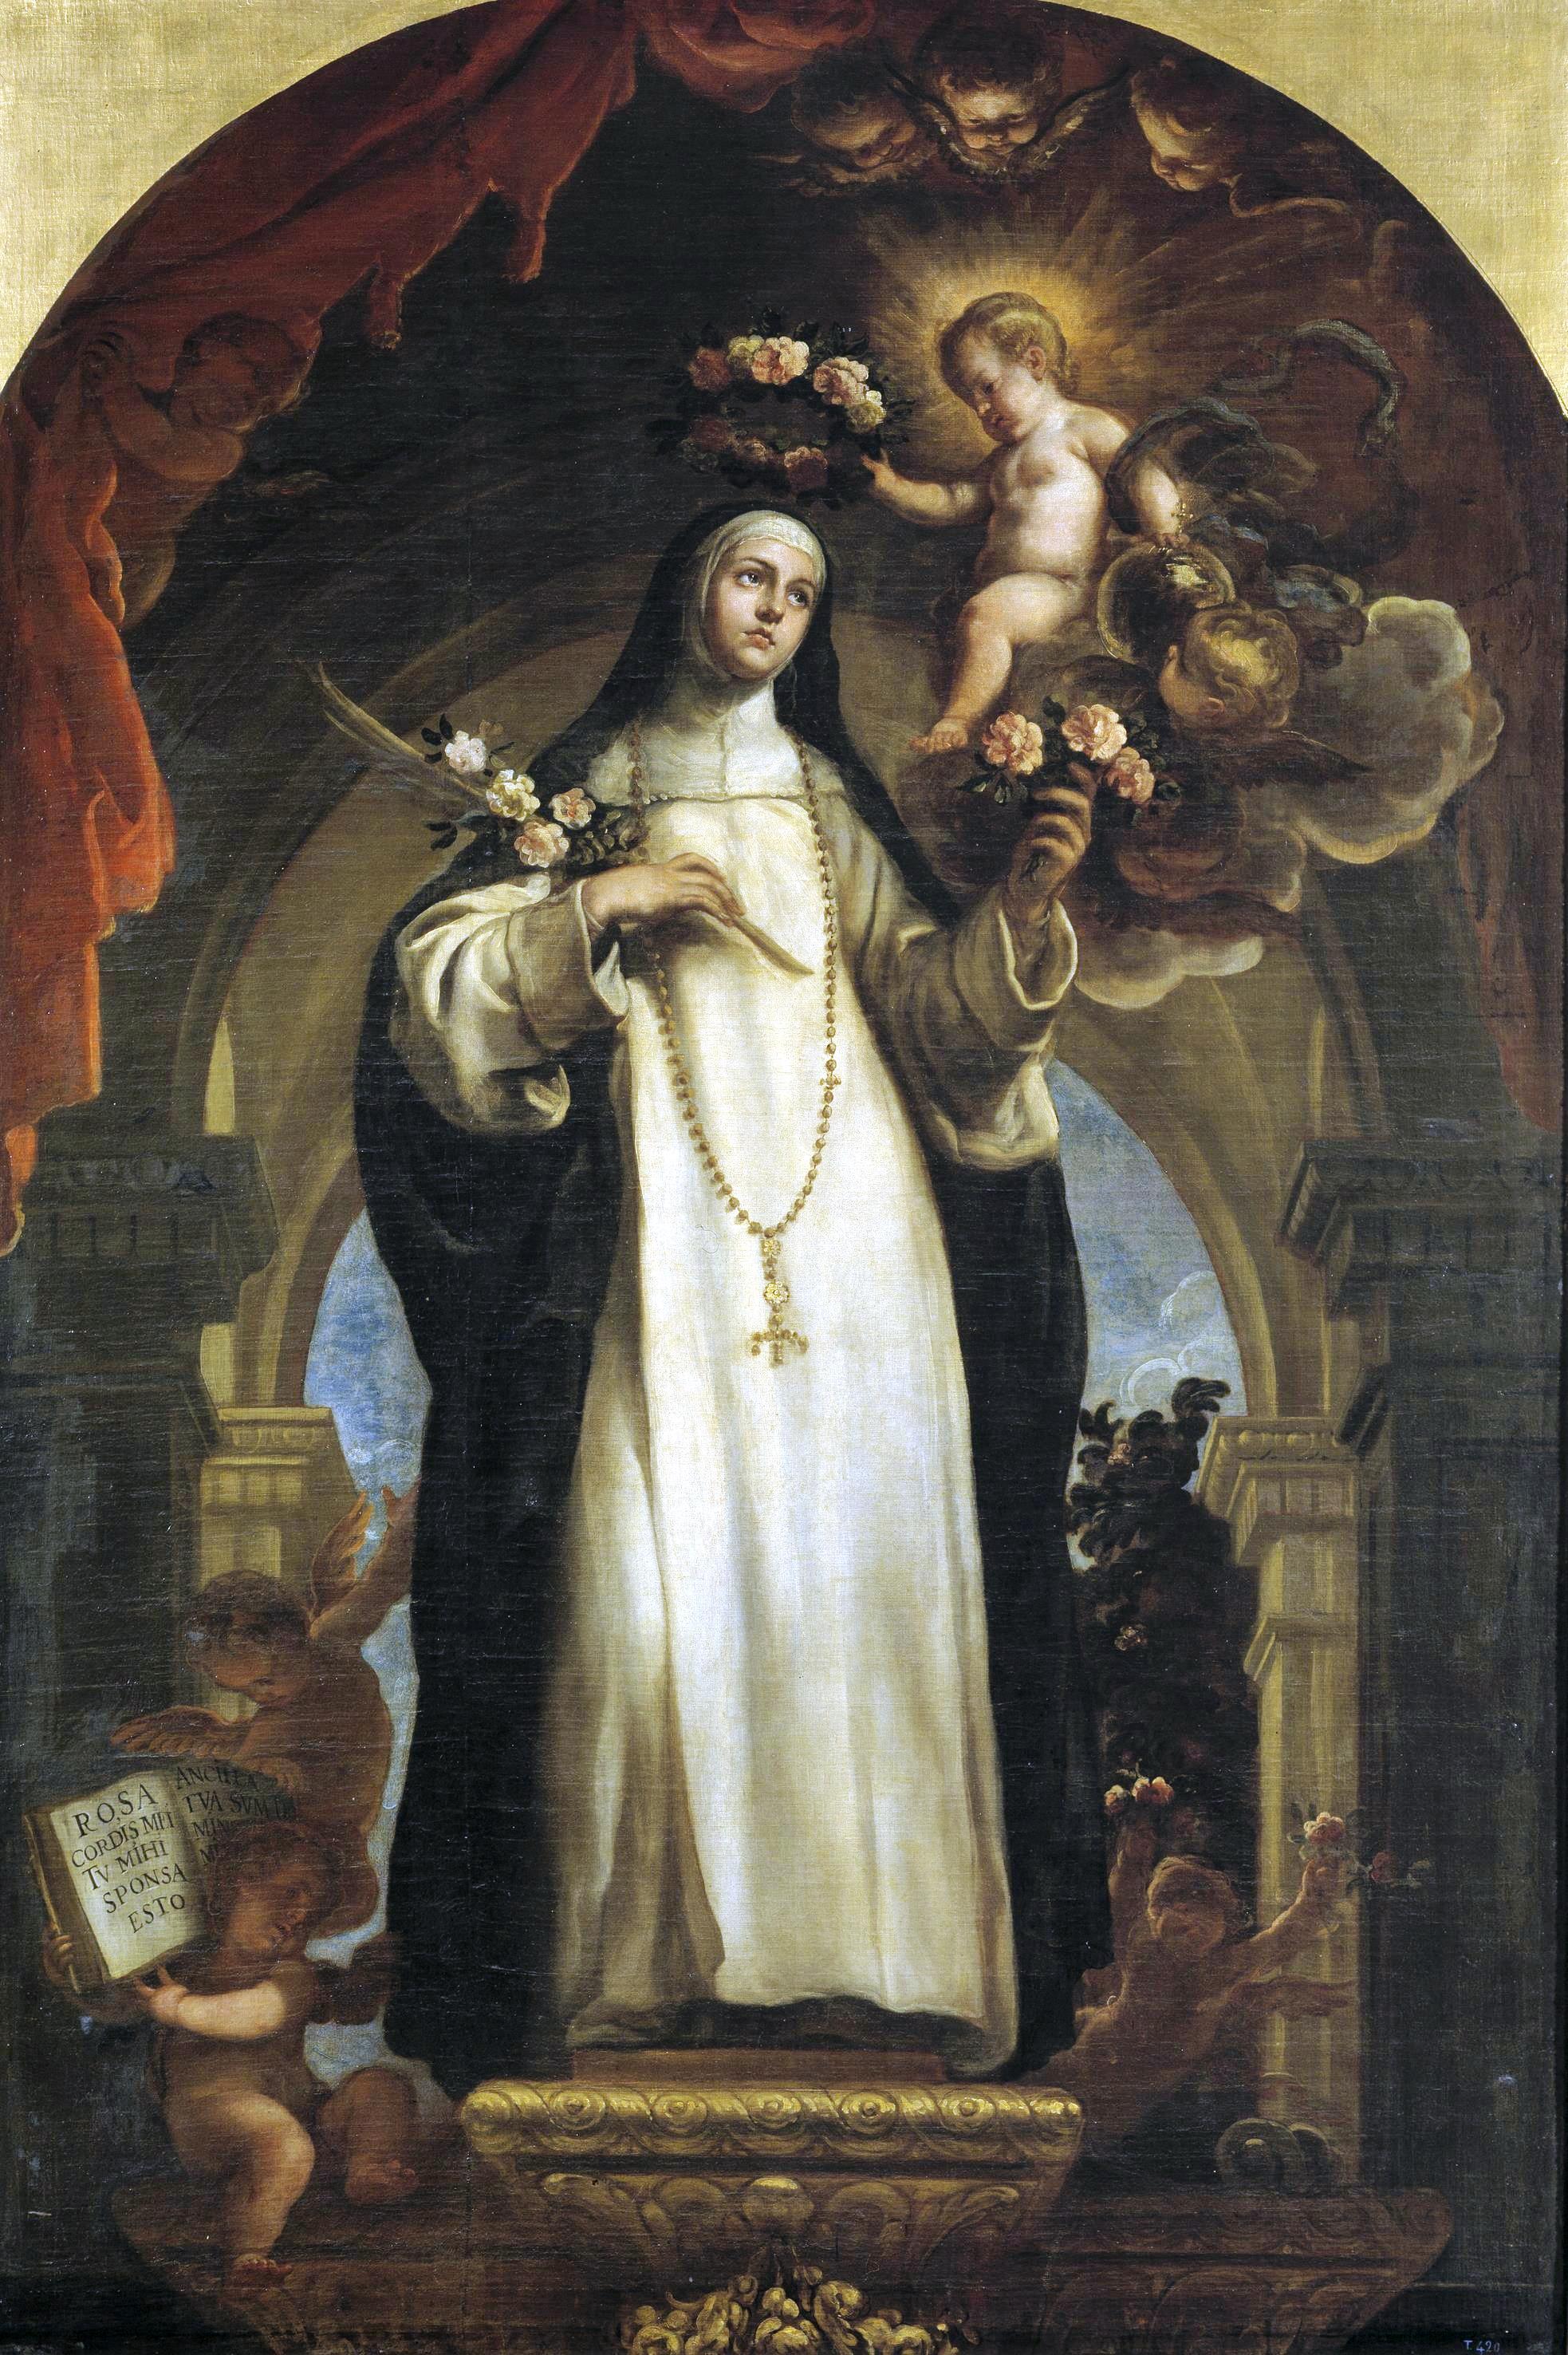 Image:Sta Rosa de Lima por Claudio Coello.jpg